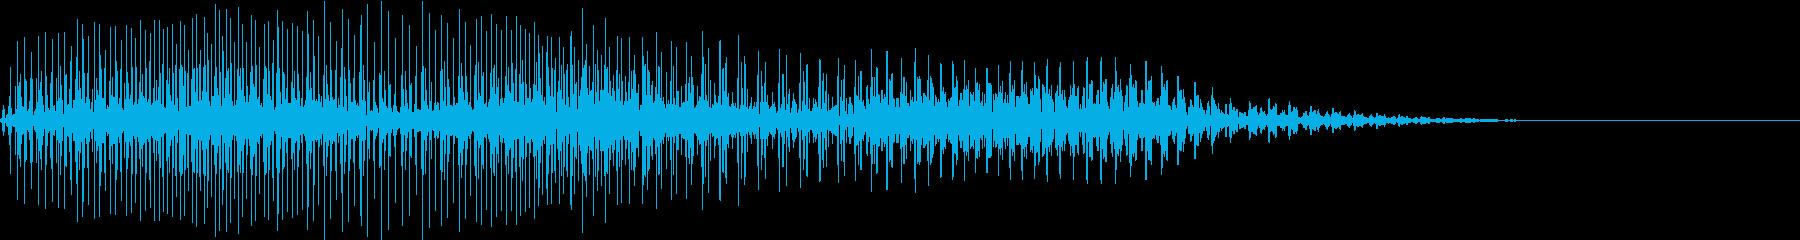 Game エンストやクラッシュの音の再生済みの波形